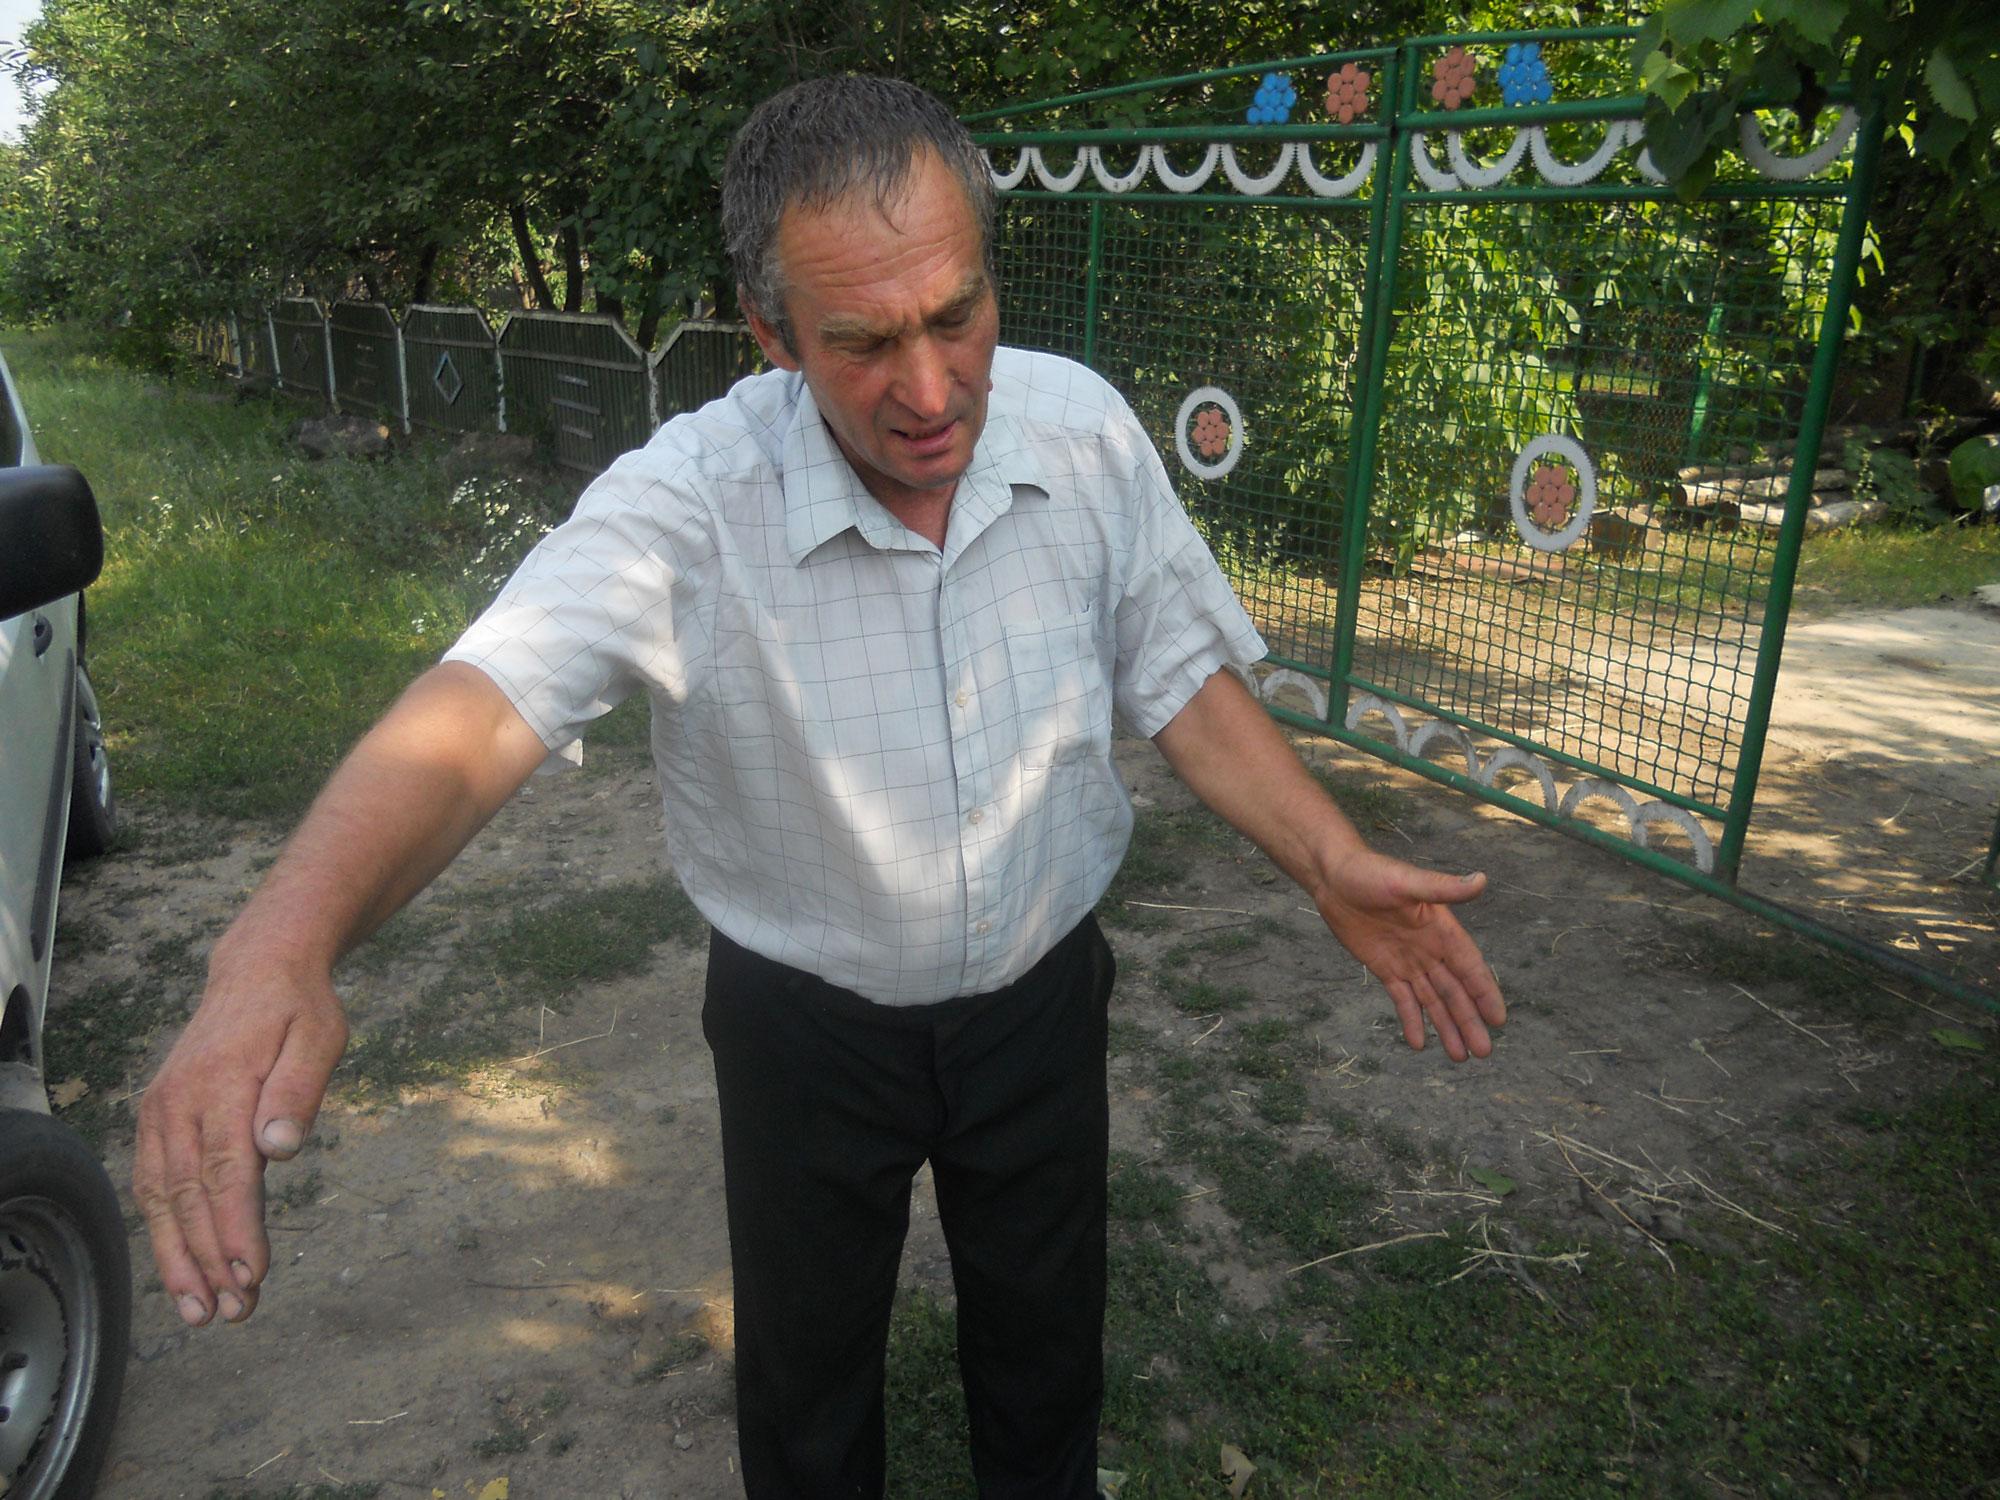 Все «окультурив», дороги загального користування поорав, – каже фермер Петро Хащук